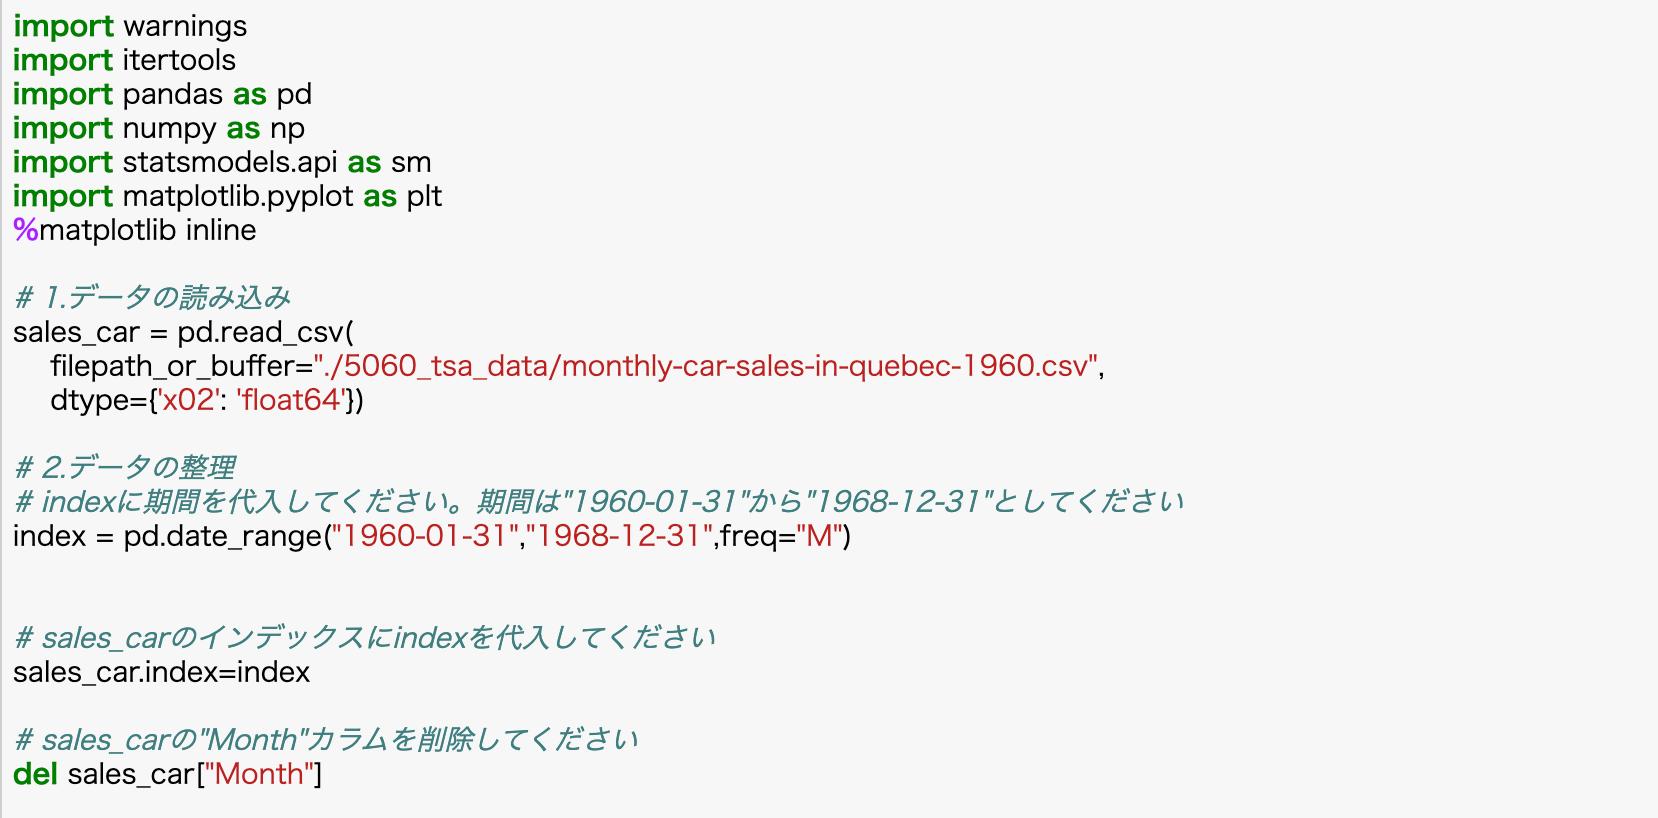 スクリーンショット 2020-08-02 14.14.10.png